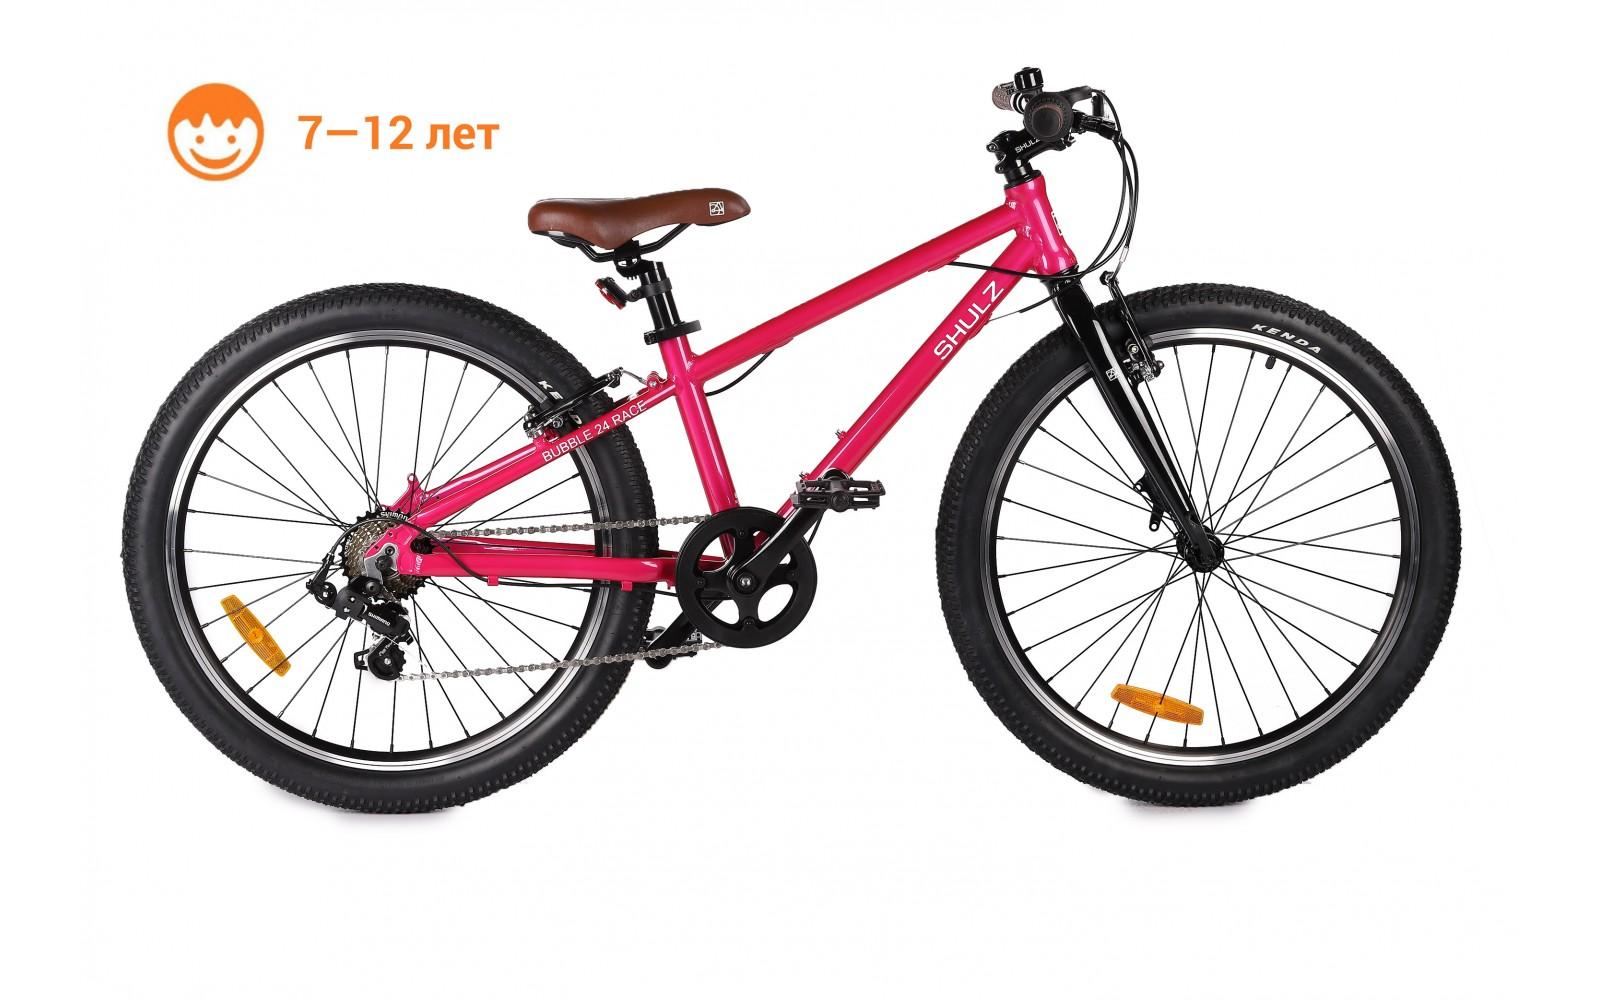 Детский велосипед Shulz Bubble 24 Race